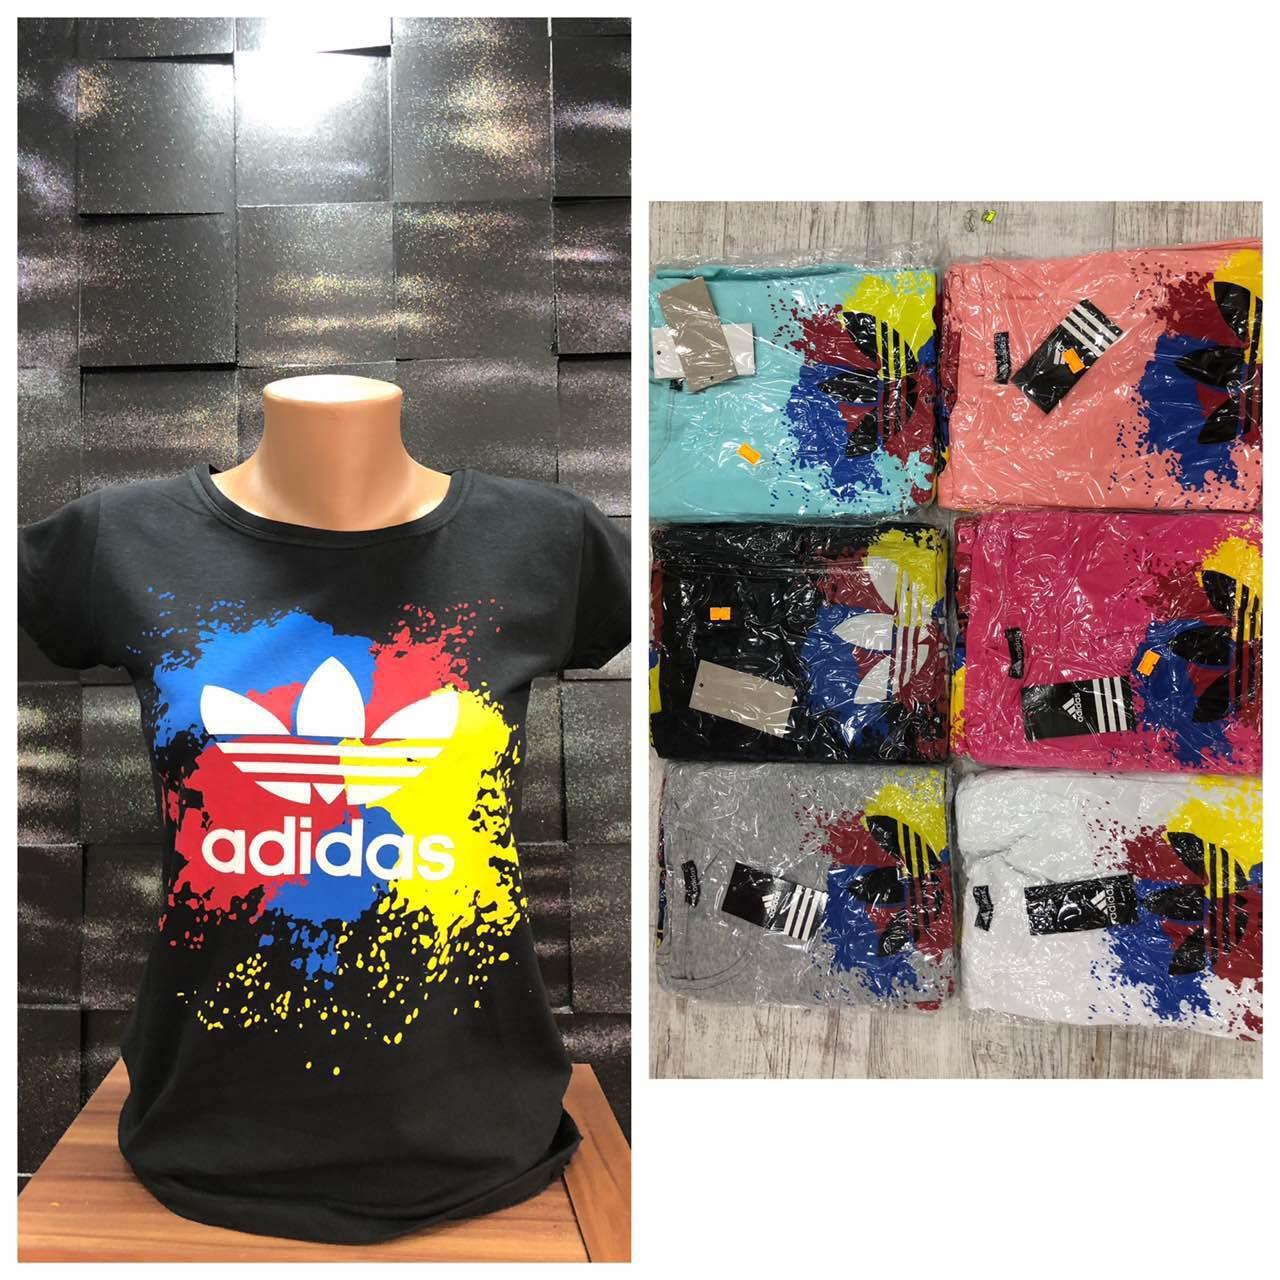 Футболка женская Adidas. Отличное качество, хлопок, Турция. Размеры с,м,л,хл, расцветки